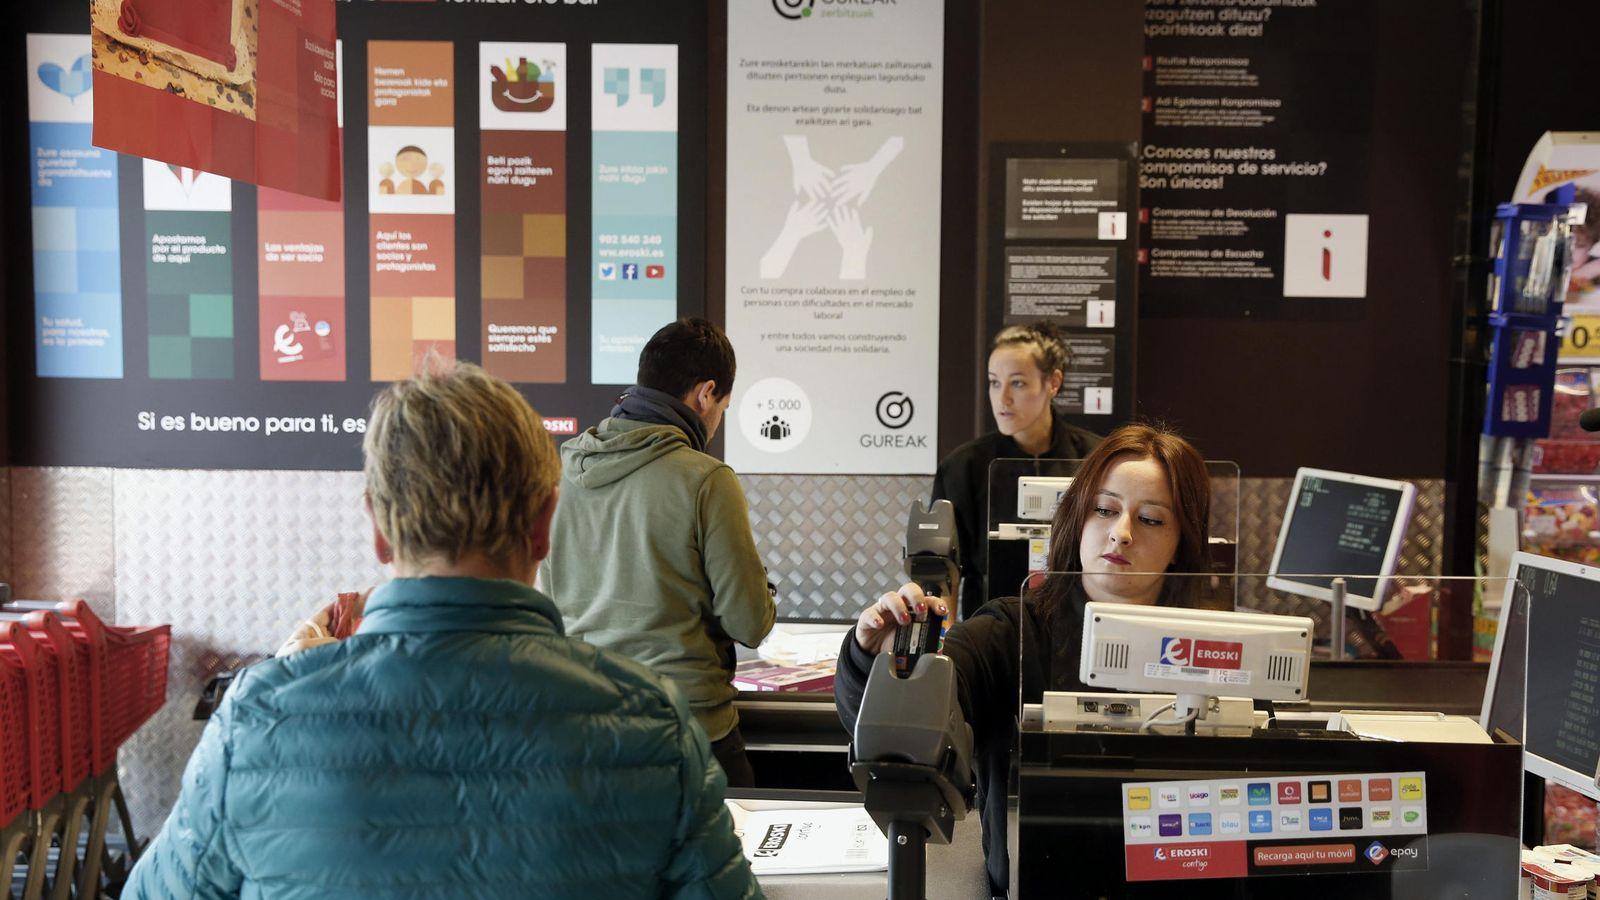 Foto: Imagen de archivo de un supermercado. (EFE)